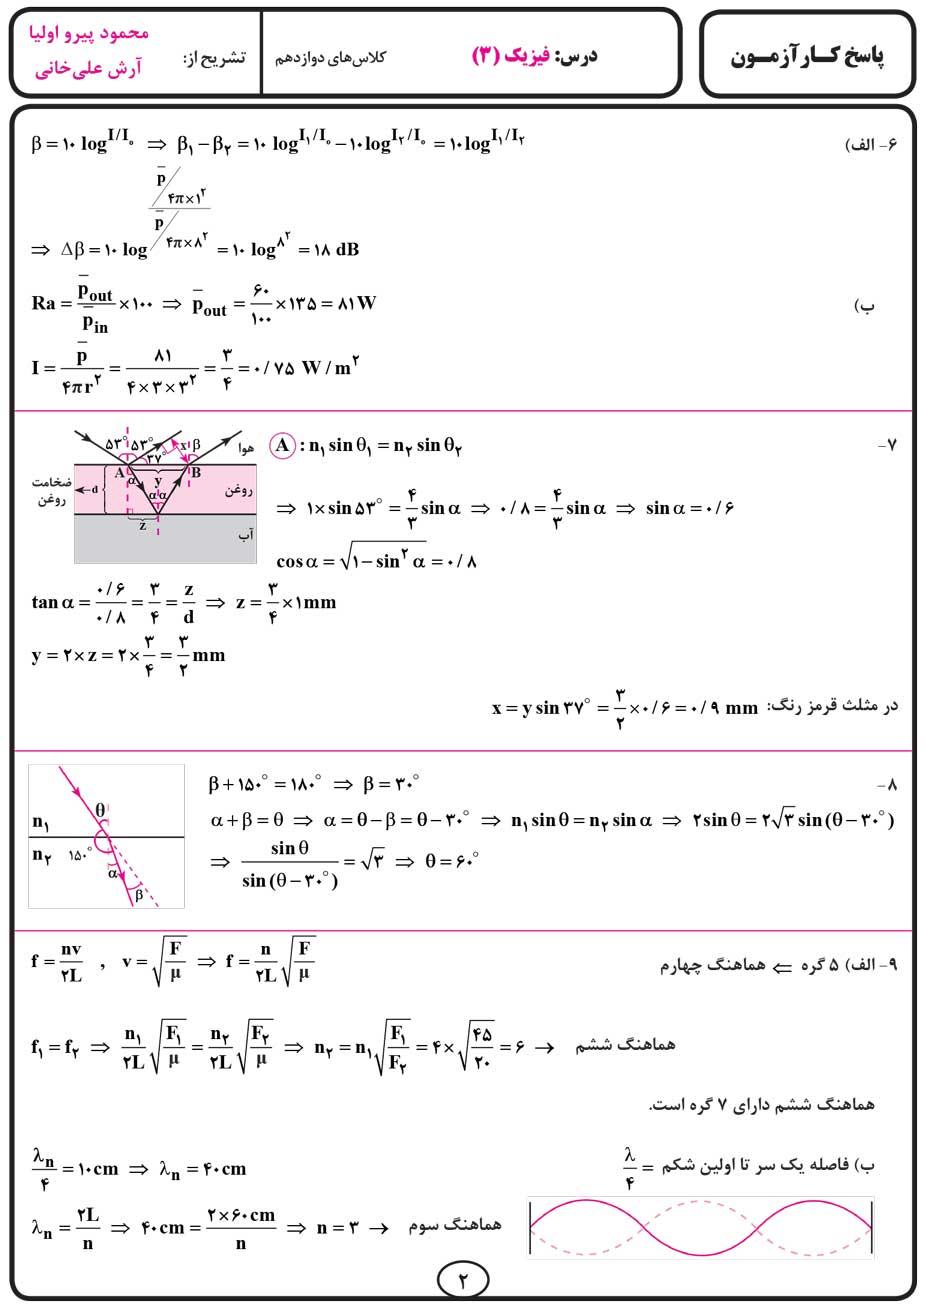 پاسخ کارآزمون فیزیک (۳) دوازدهم متوسطه انتشارات بنی هاشمی خامنه صفحه دوم